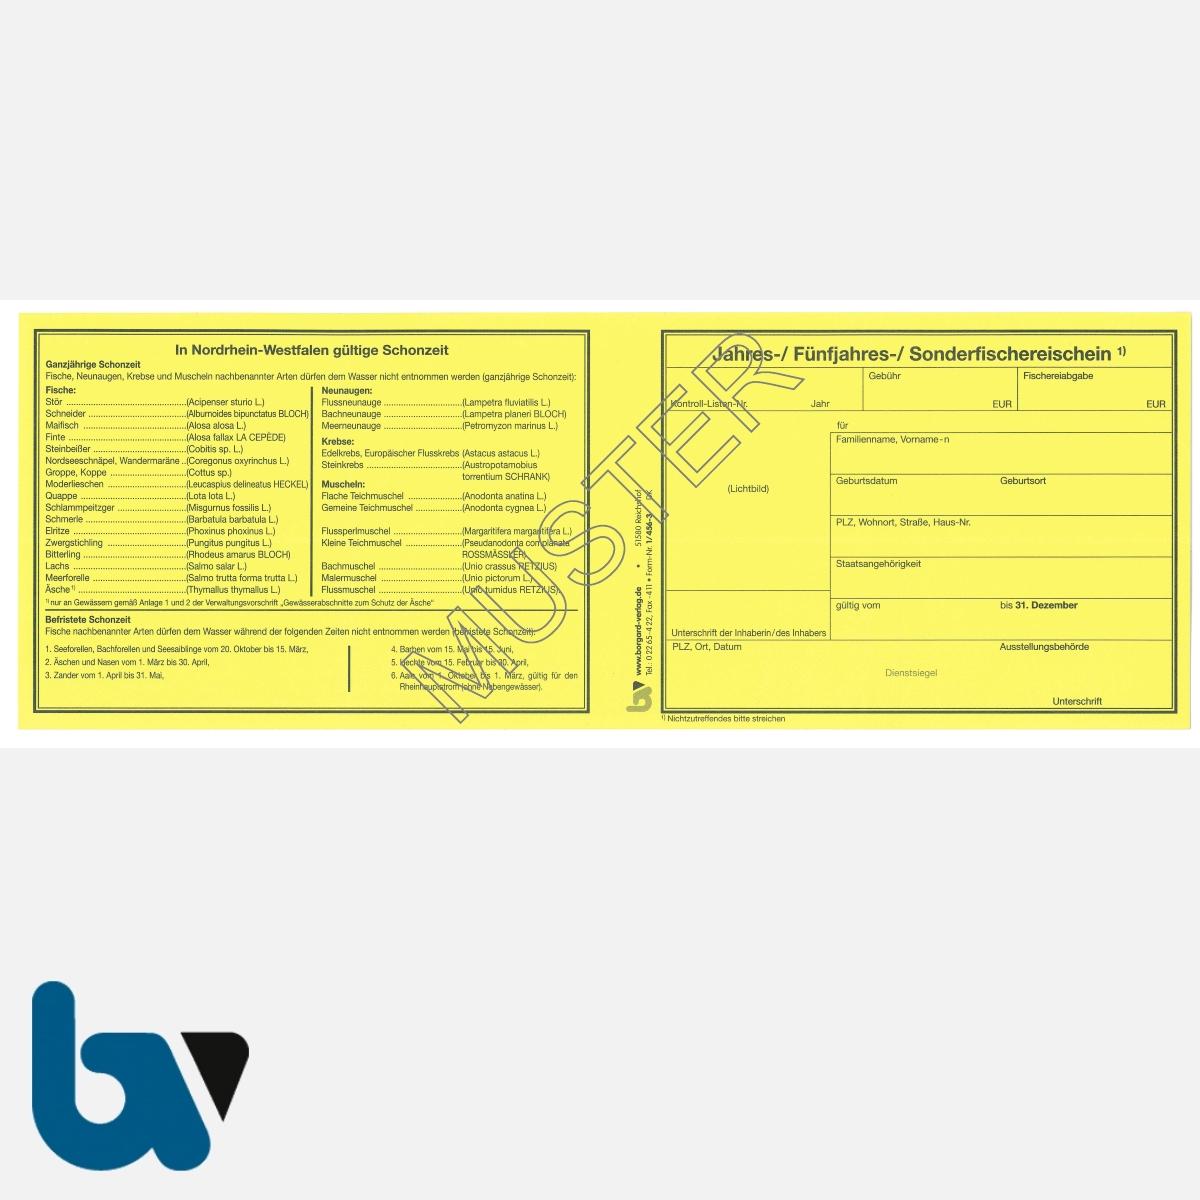 1/456-3 Sonderfischereischein NRW Nordrhein-Westfalen gelb Neobond Muster VS | Borgard Verlag GmbH